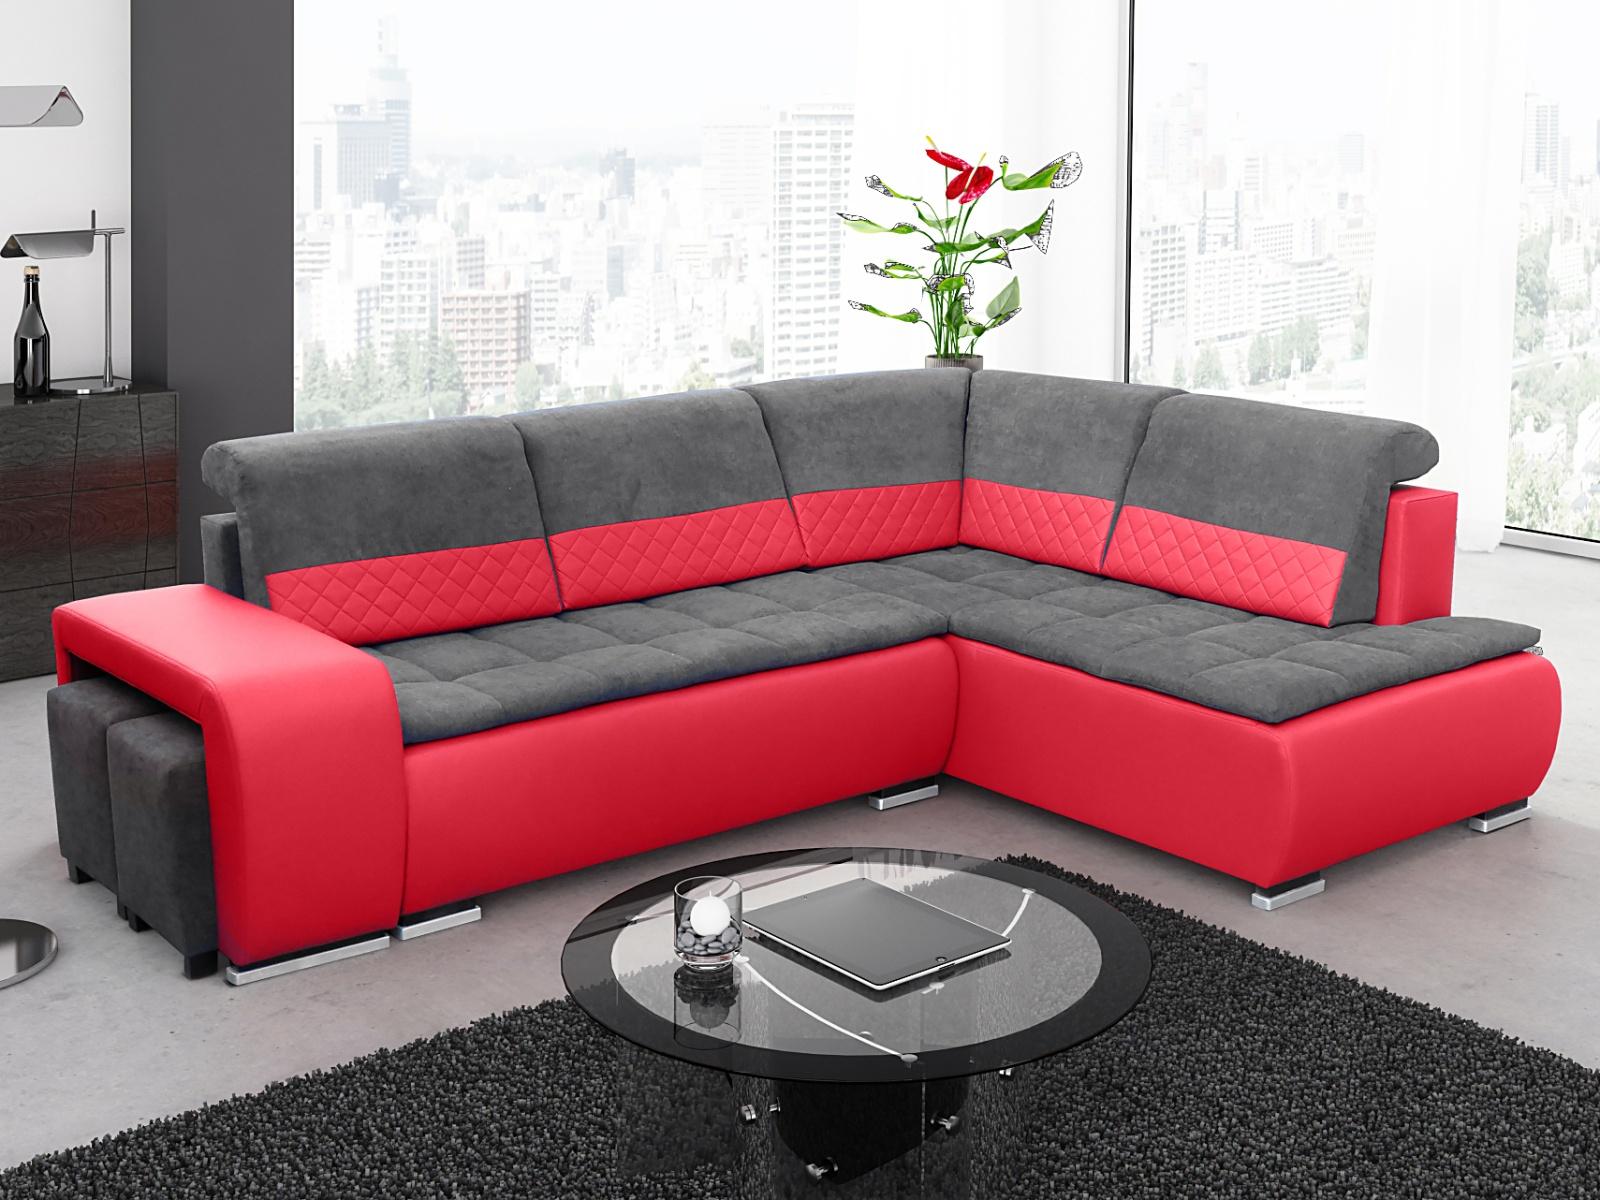 Smartshop Rohová sedačka GRANDER PLUS 1, pravá, červená/šedá